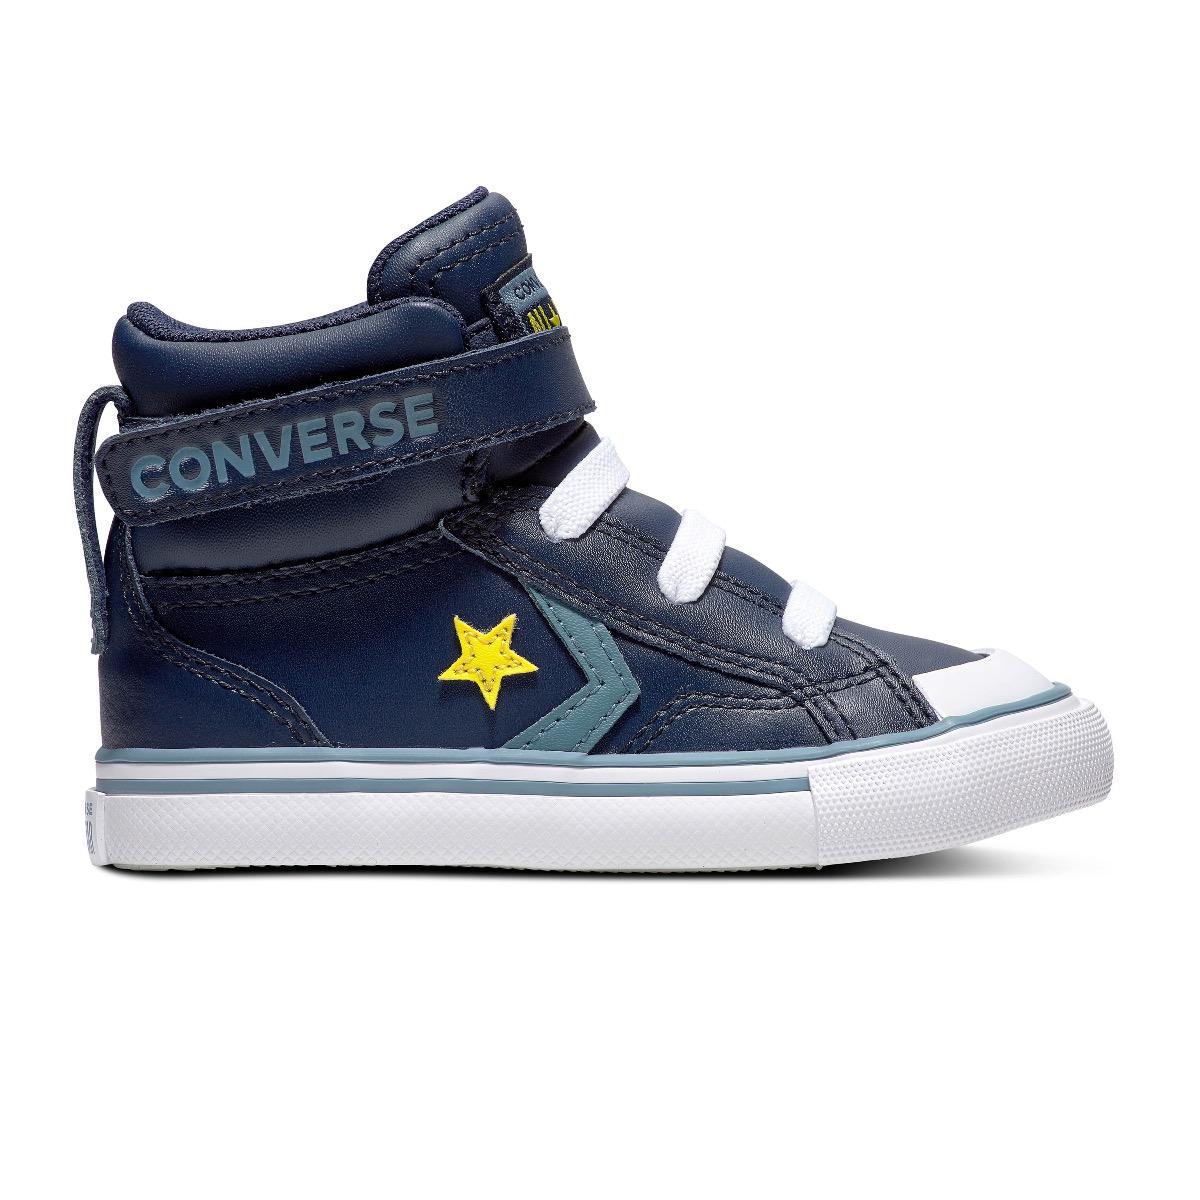 7d1117d2490 Leukeschoenenbestellen.nl - Converse All Stars Pro Blaze Strap ...